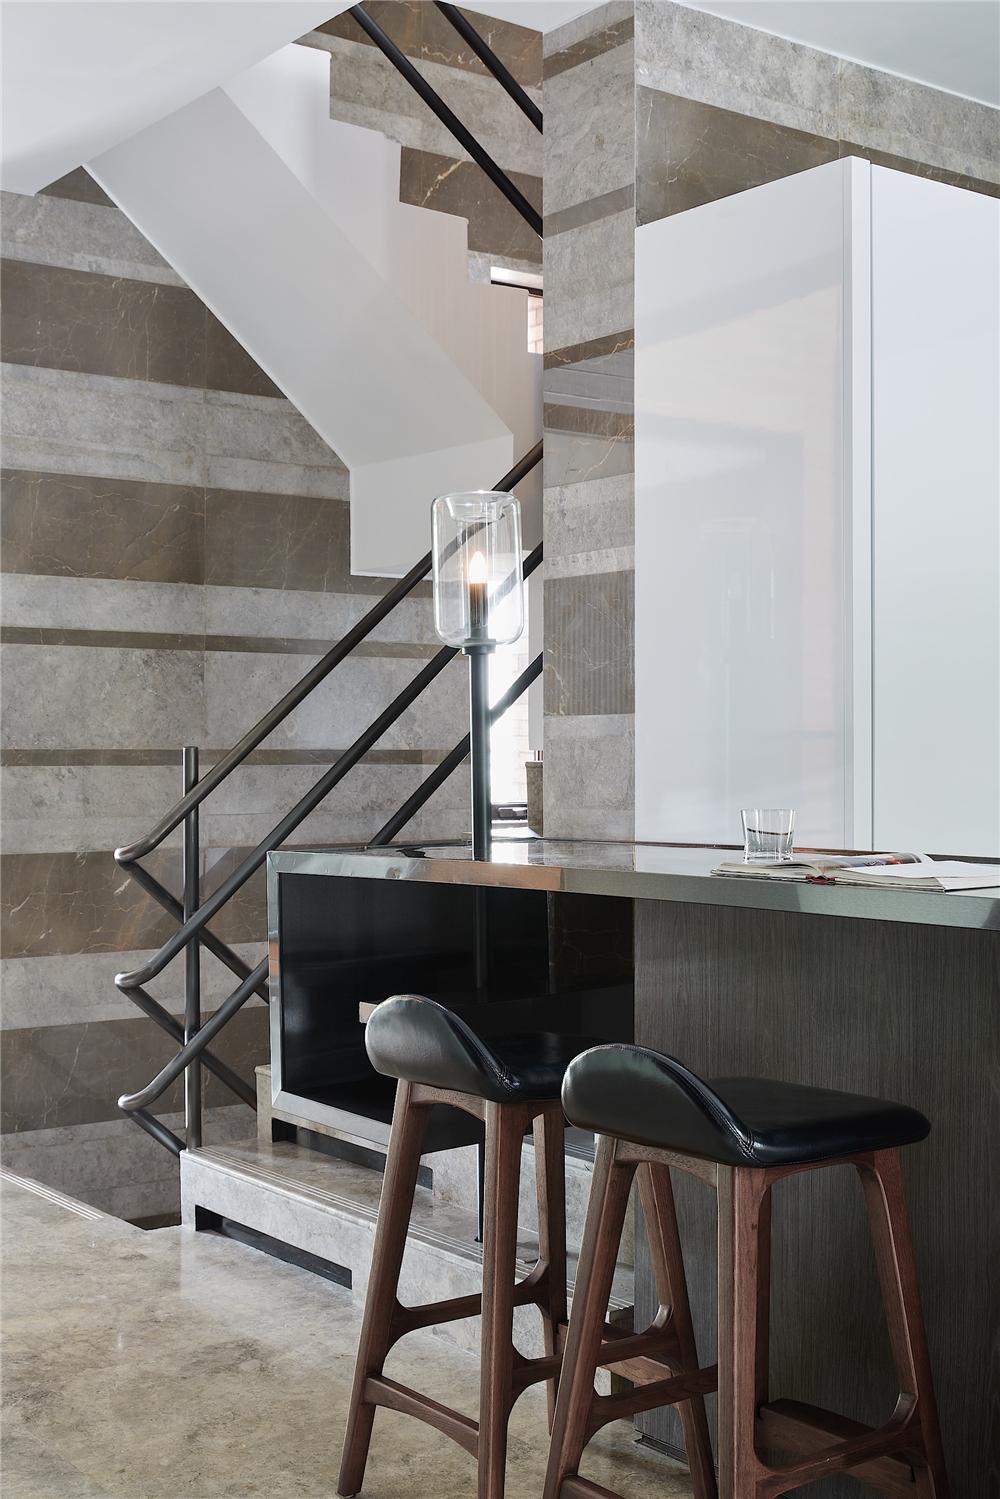 现代别墅装修吧台设计